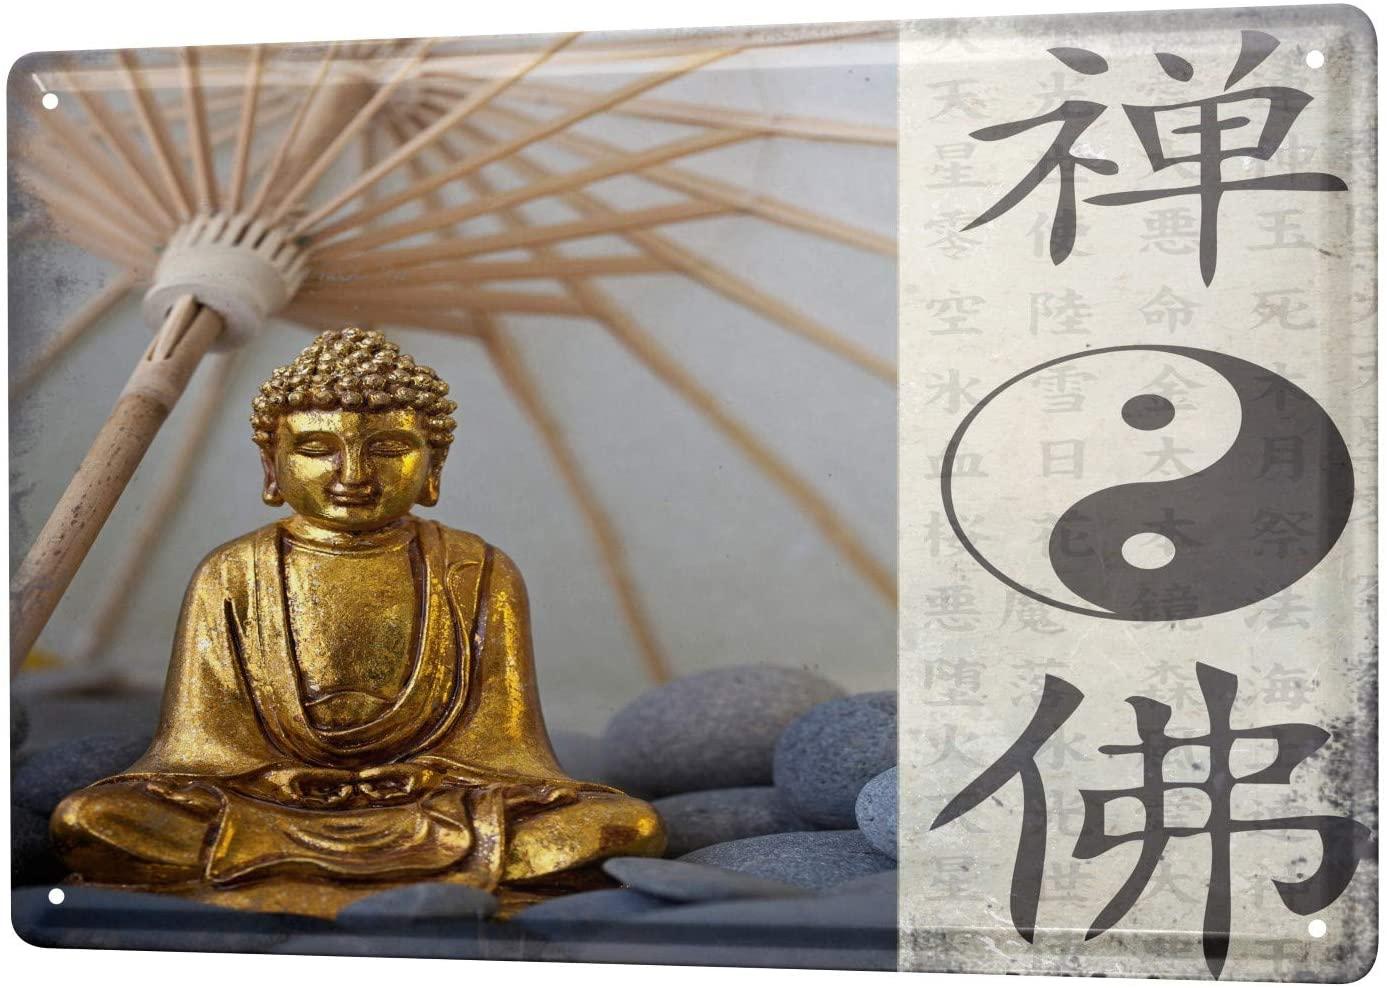 Desde 2004 estanho placa de metal sinal decorativo casa decoração placas nostálgico yin yang buda